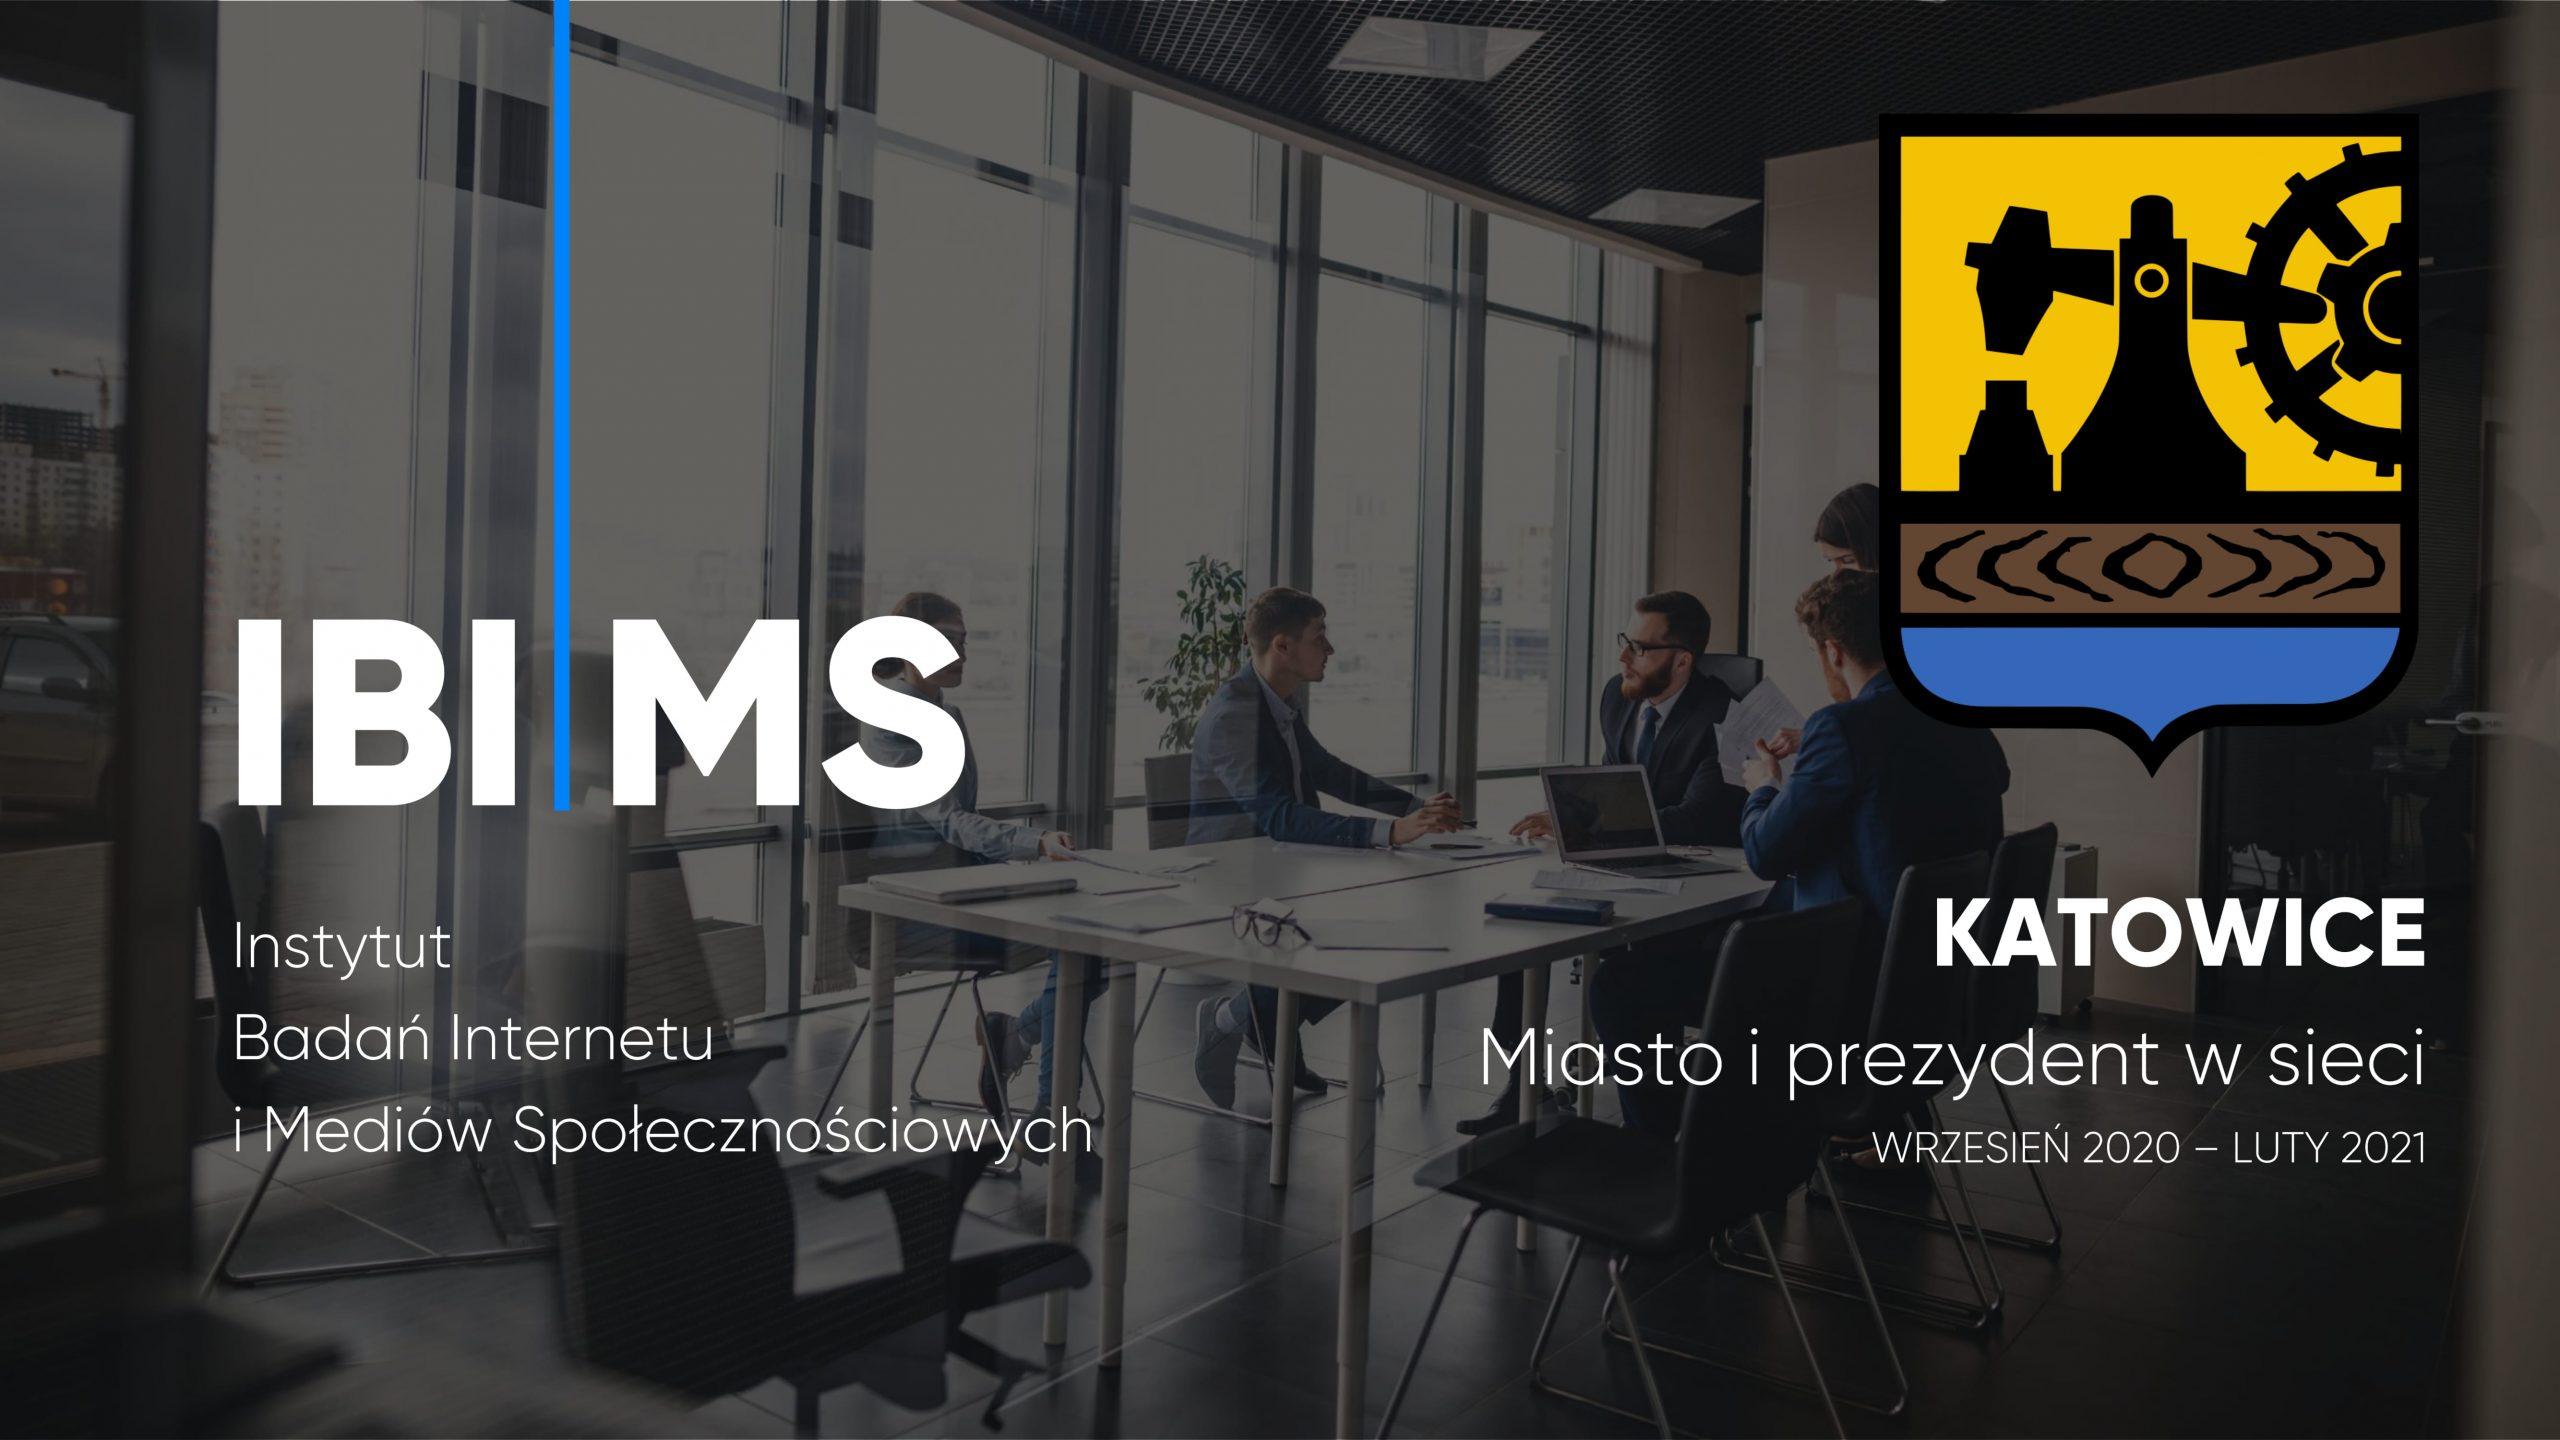 Katowice i Prezydent Katowic w internecie – raport IBIMS